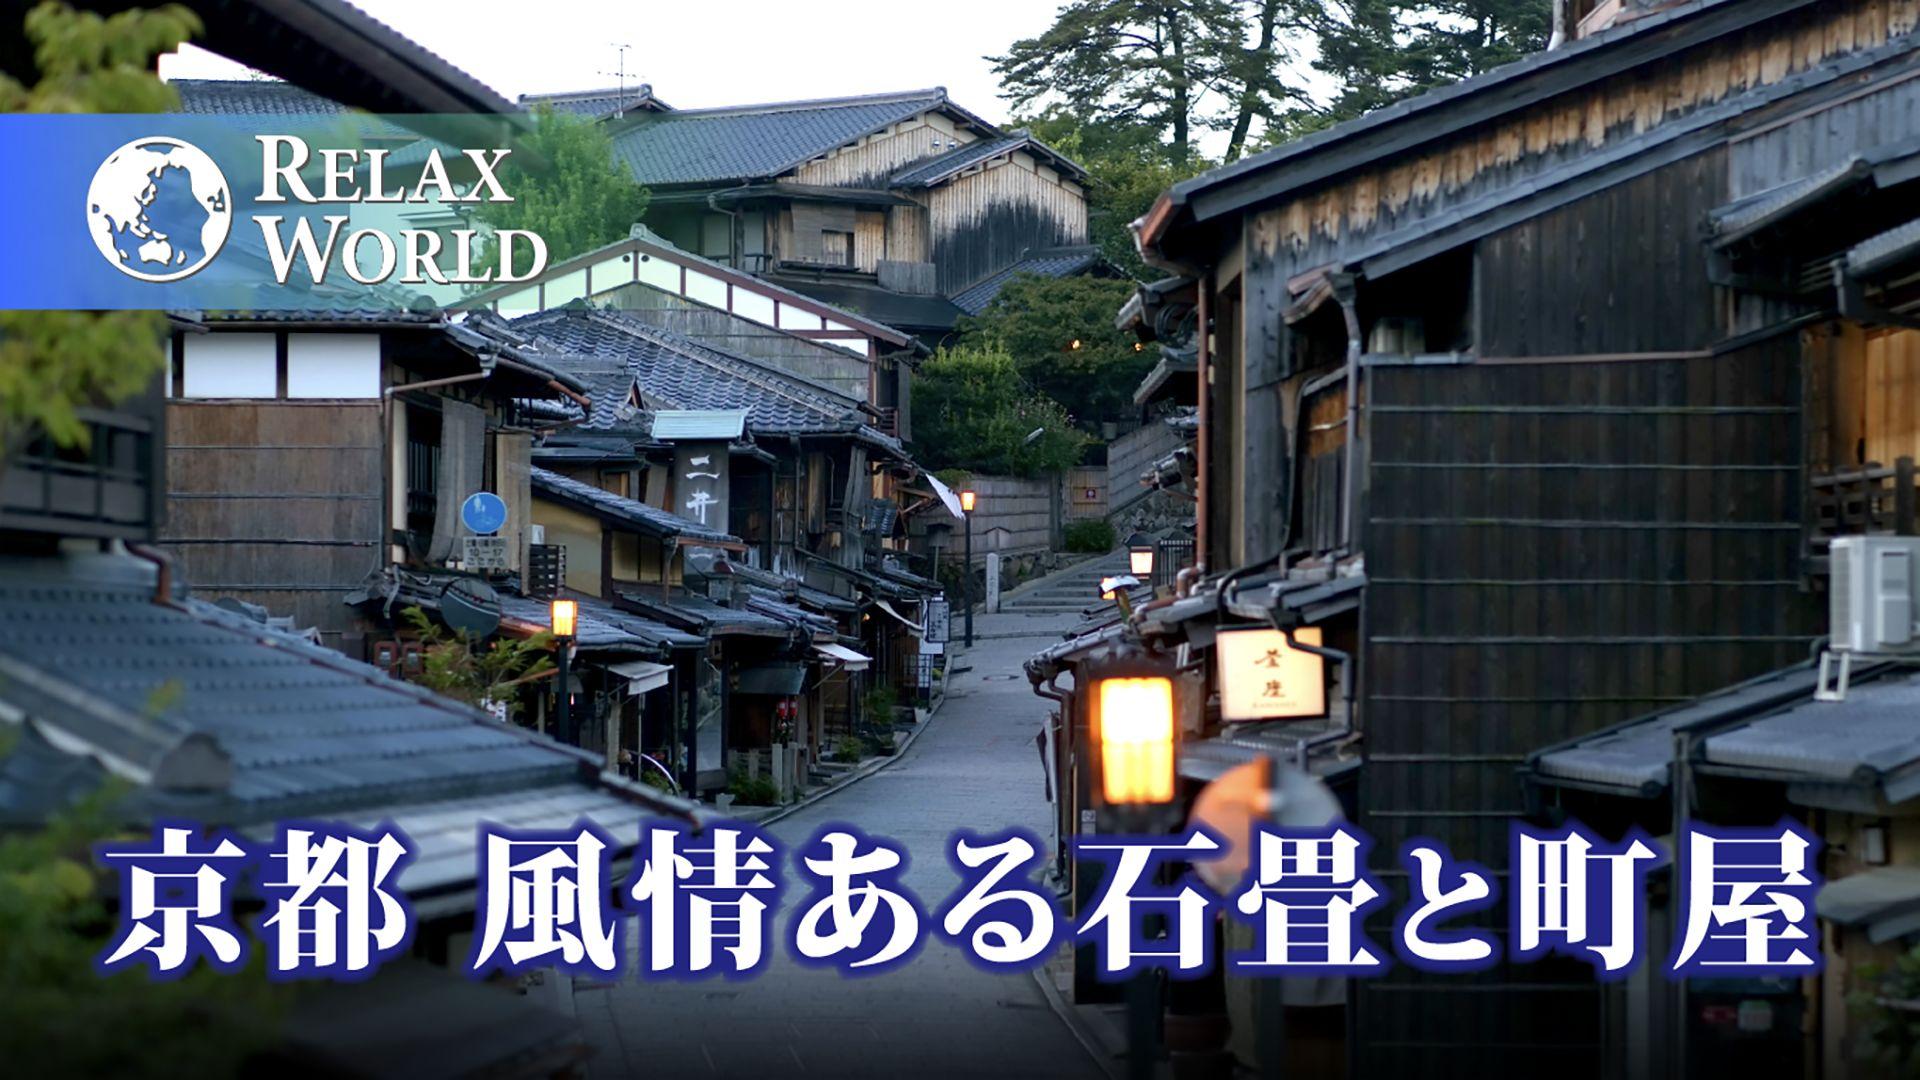 京都 風情ある石畳と町屋【RELAX WORLD】